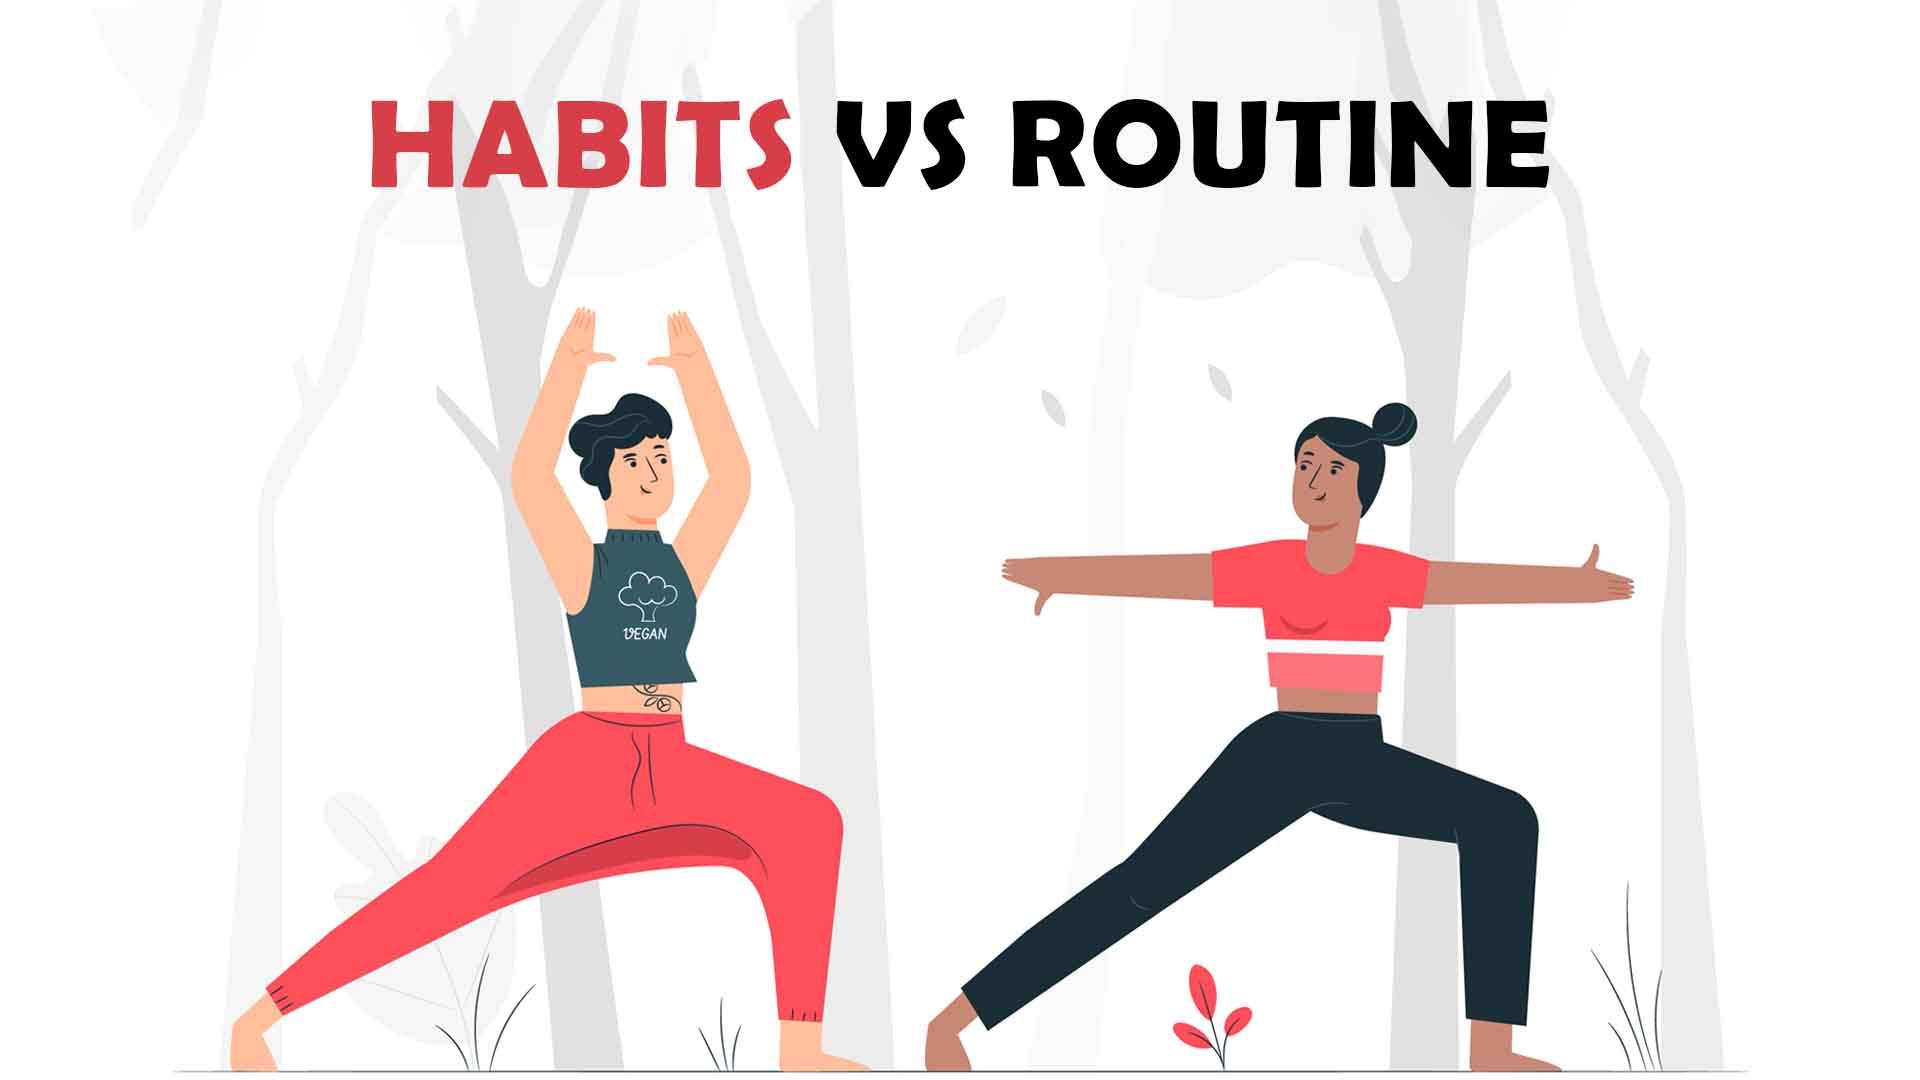 Habits vs routine